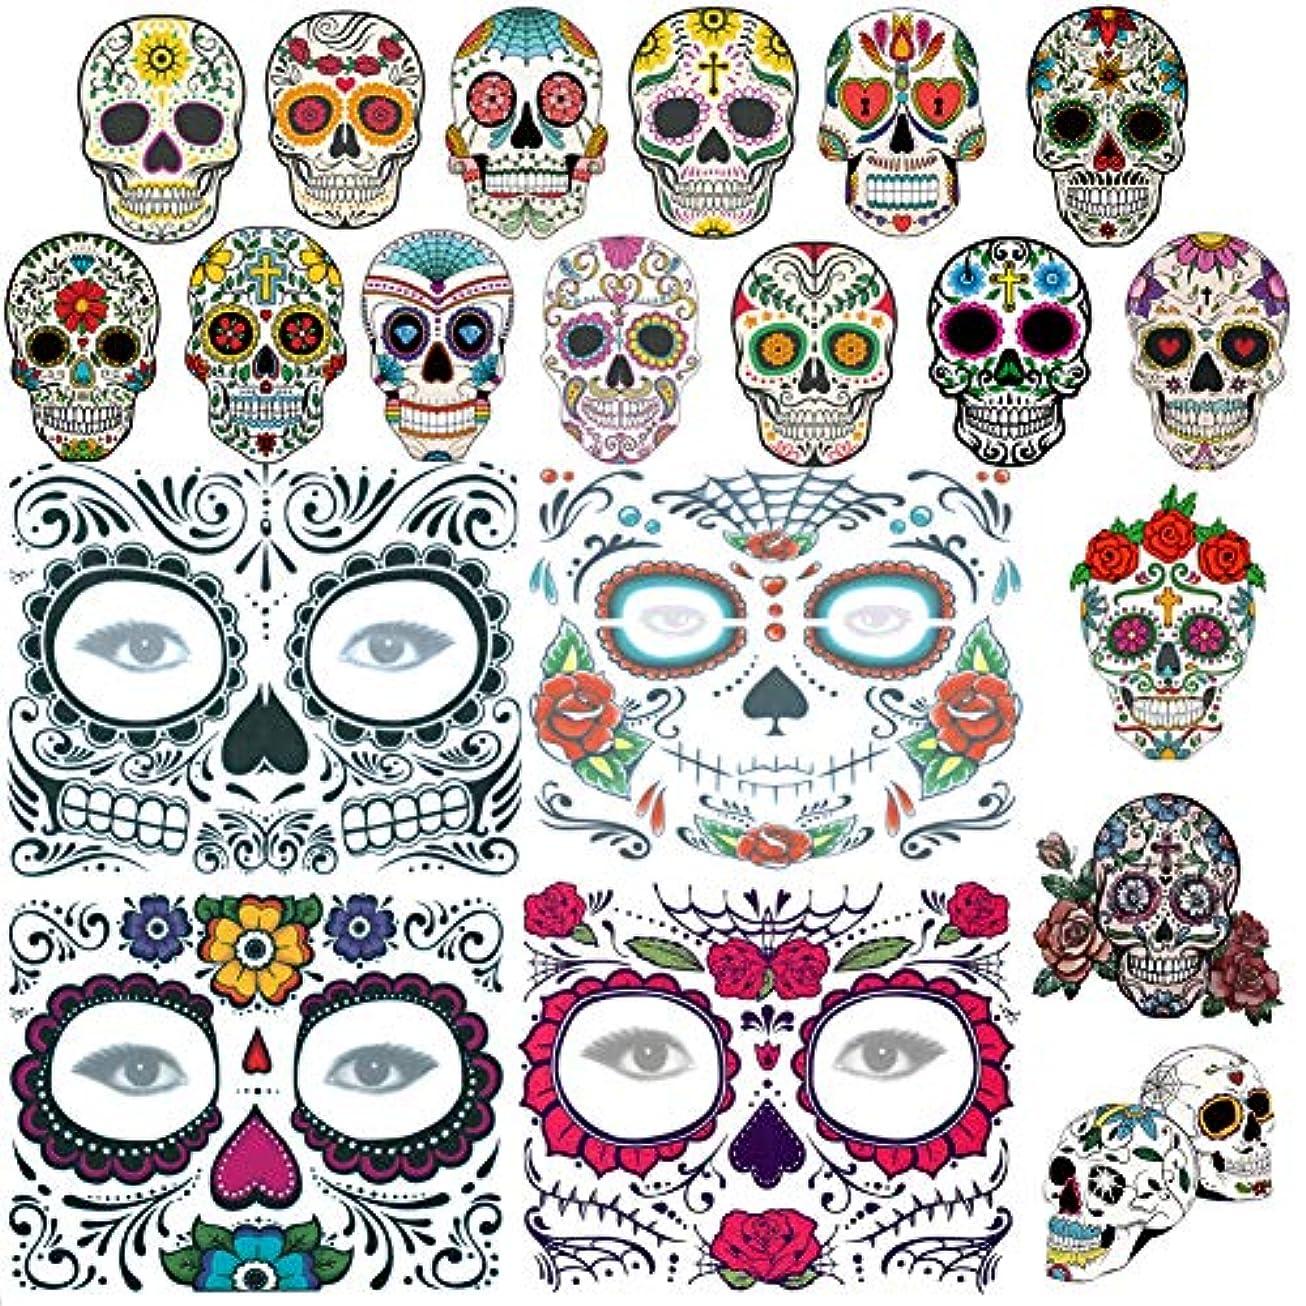 死者の日、4ピースハロウィンフェイスタトゥー、16個シュガースカルフェイス&ボディータトゥー仮面タトゥーキットハロウィーンメイクアップタトゥーキット女性男性大人子供ハロウィーンクリスマスパーティー